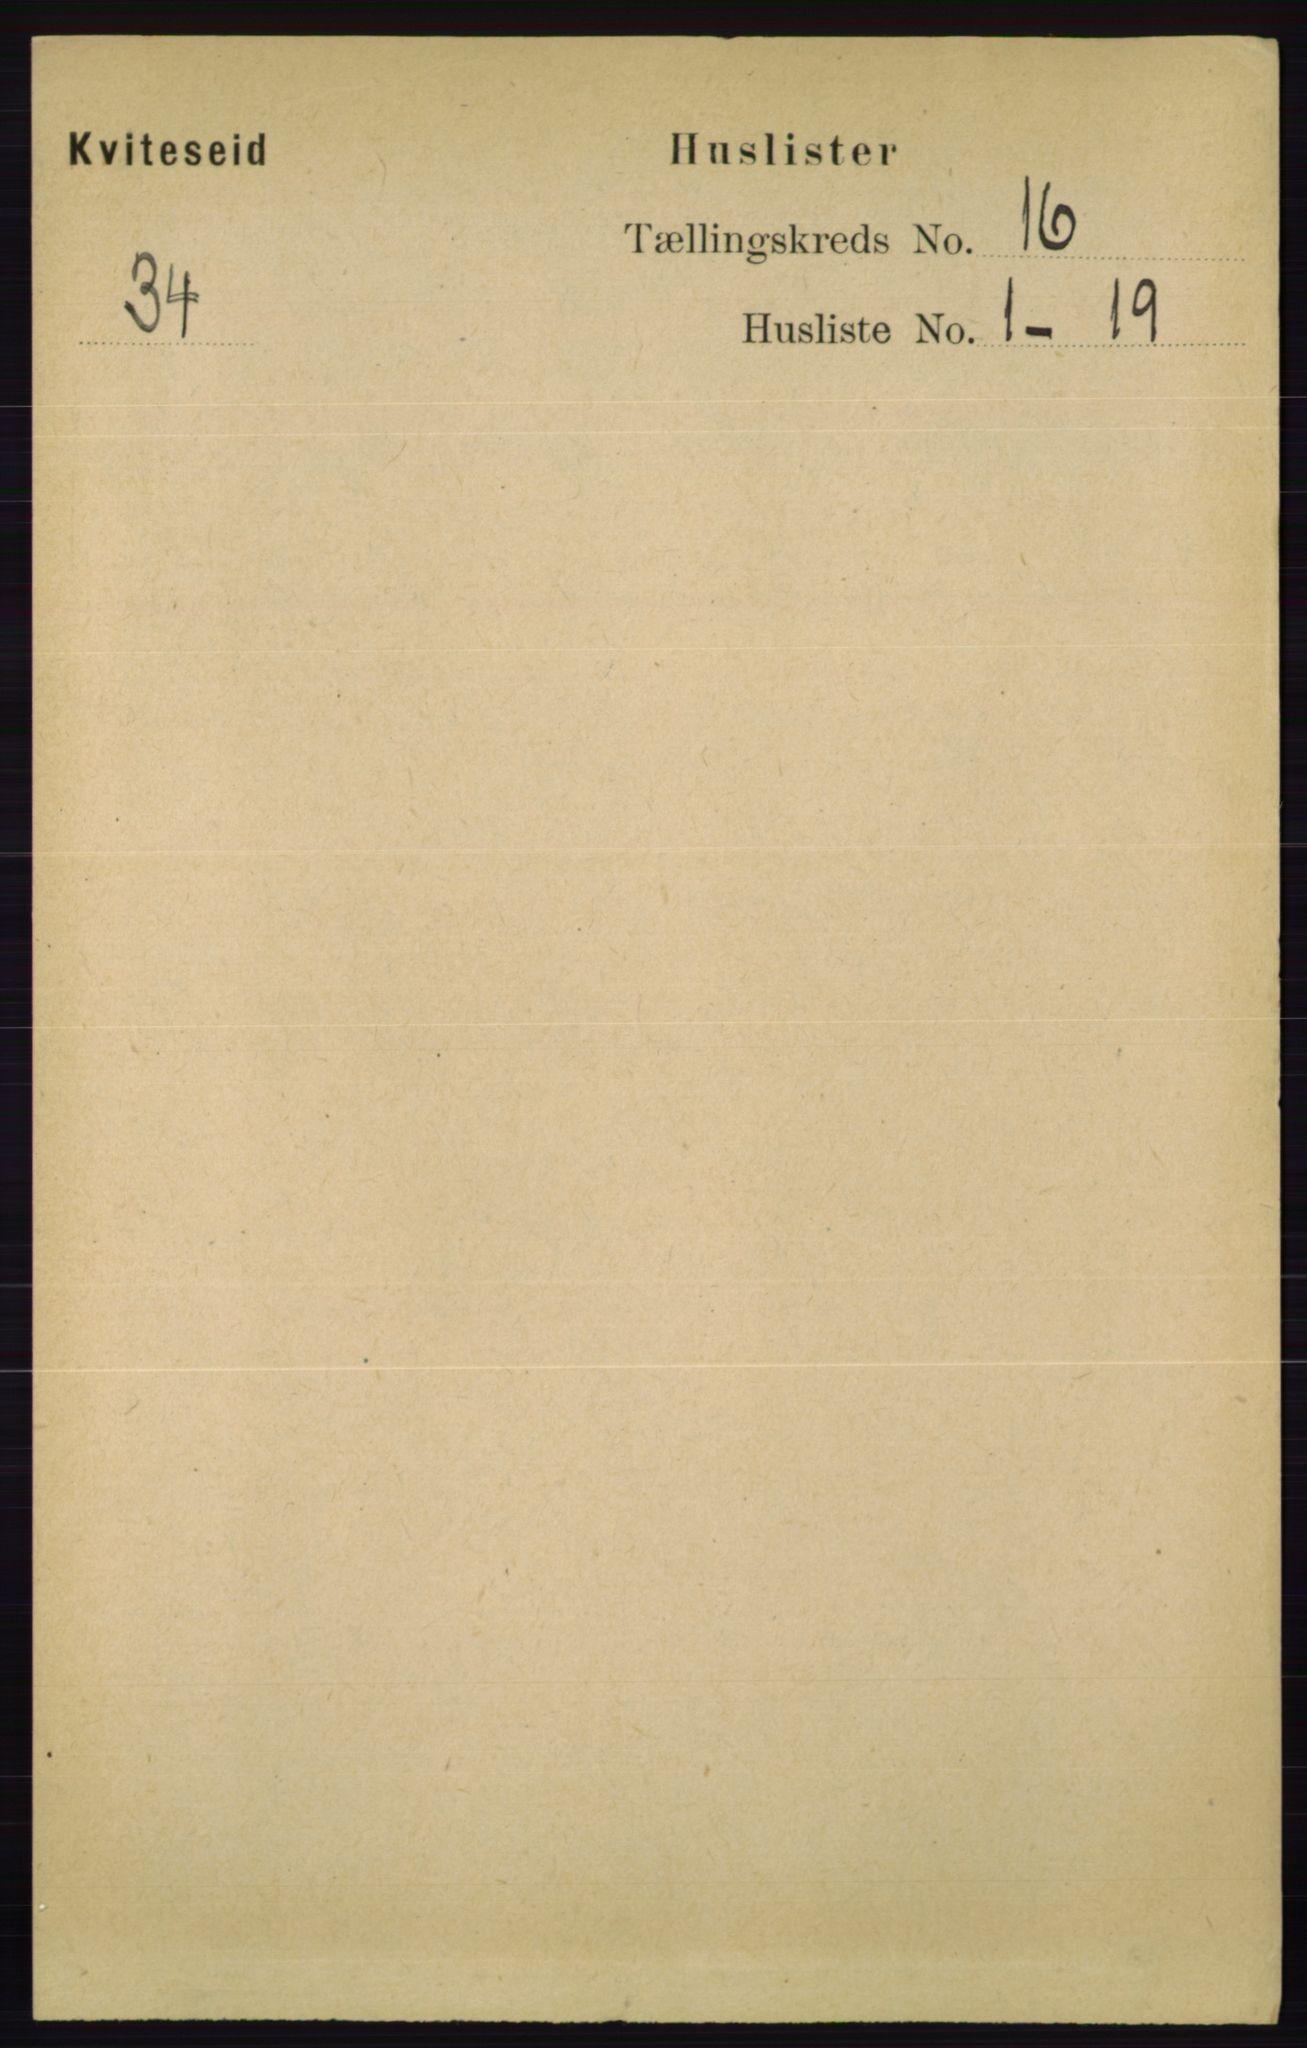 RA, Folketelling 1891 for 0829 Kviteseid herred, 1891, s. 3612